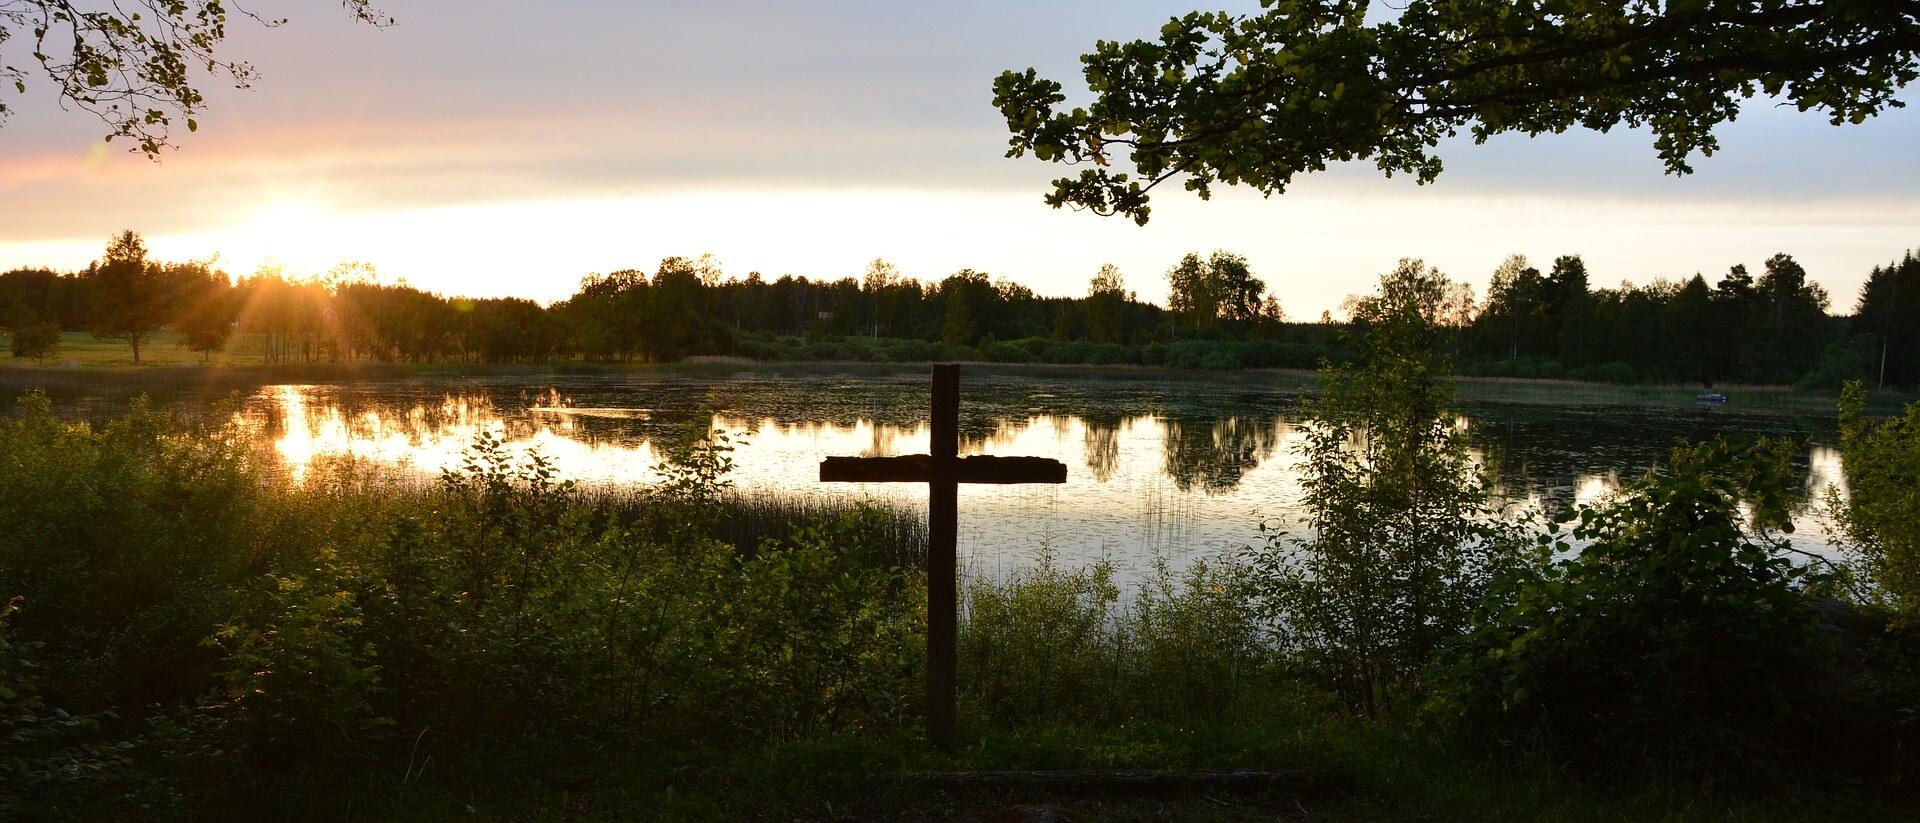 Kreuz am See. Glaube hat Fragen